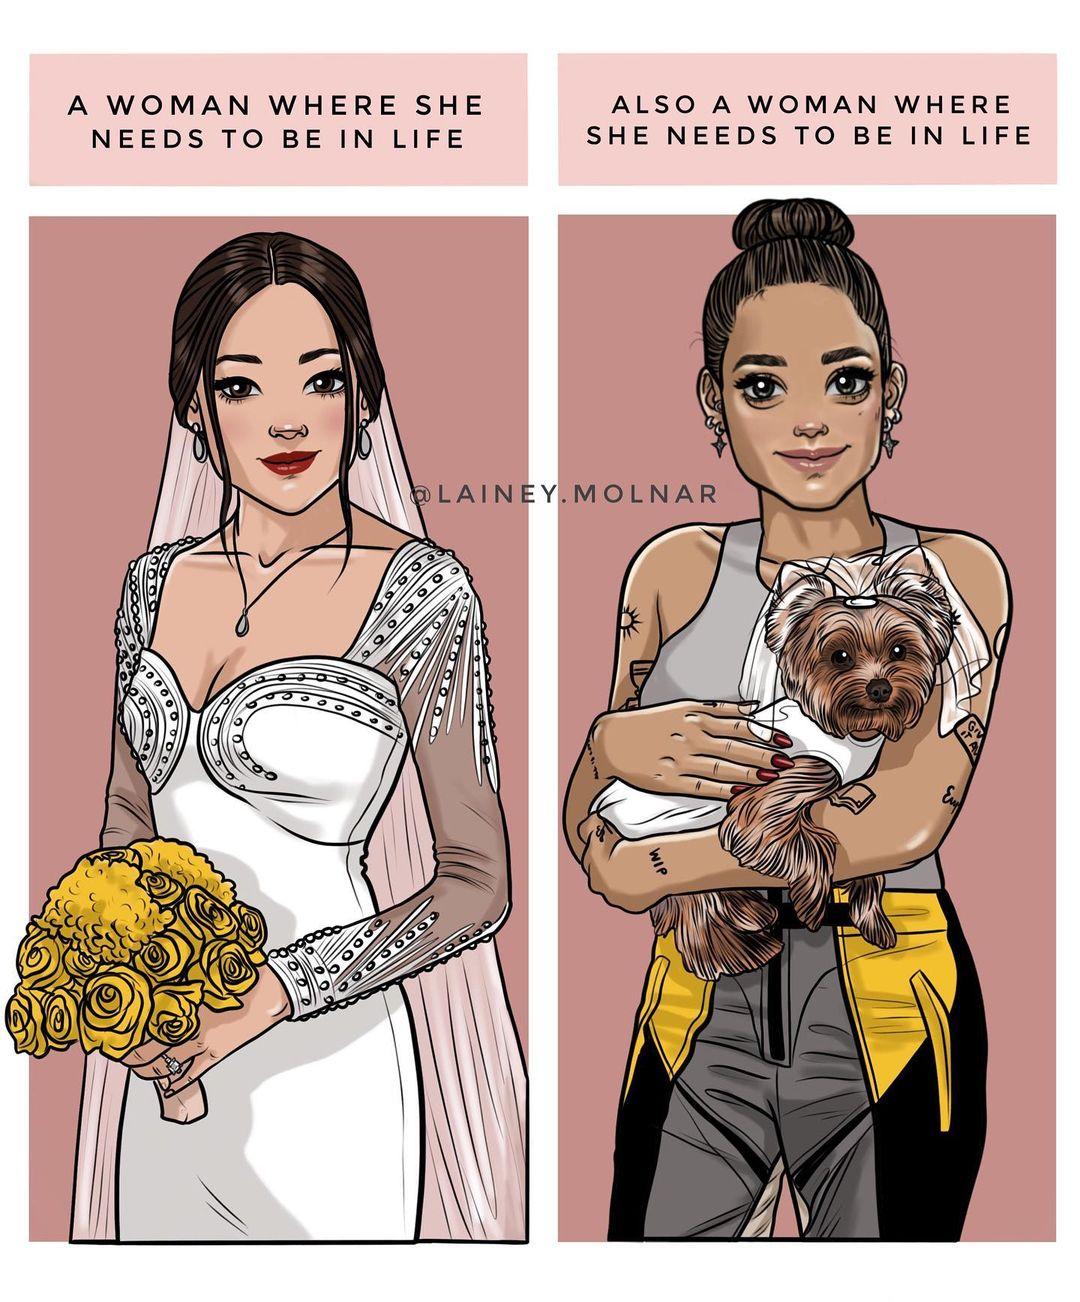 美女藝術家「眼中的女人」是什麼樣子 是誰規定妳要28歲就結婚?